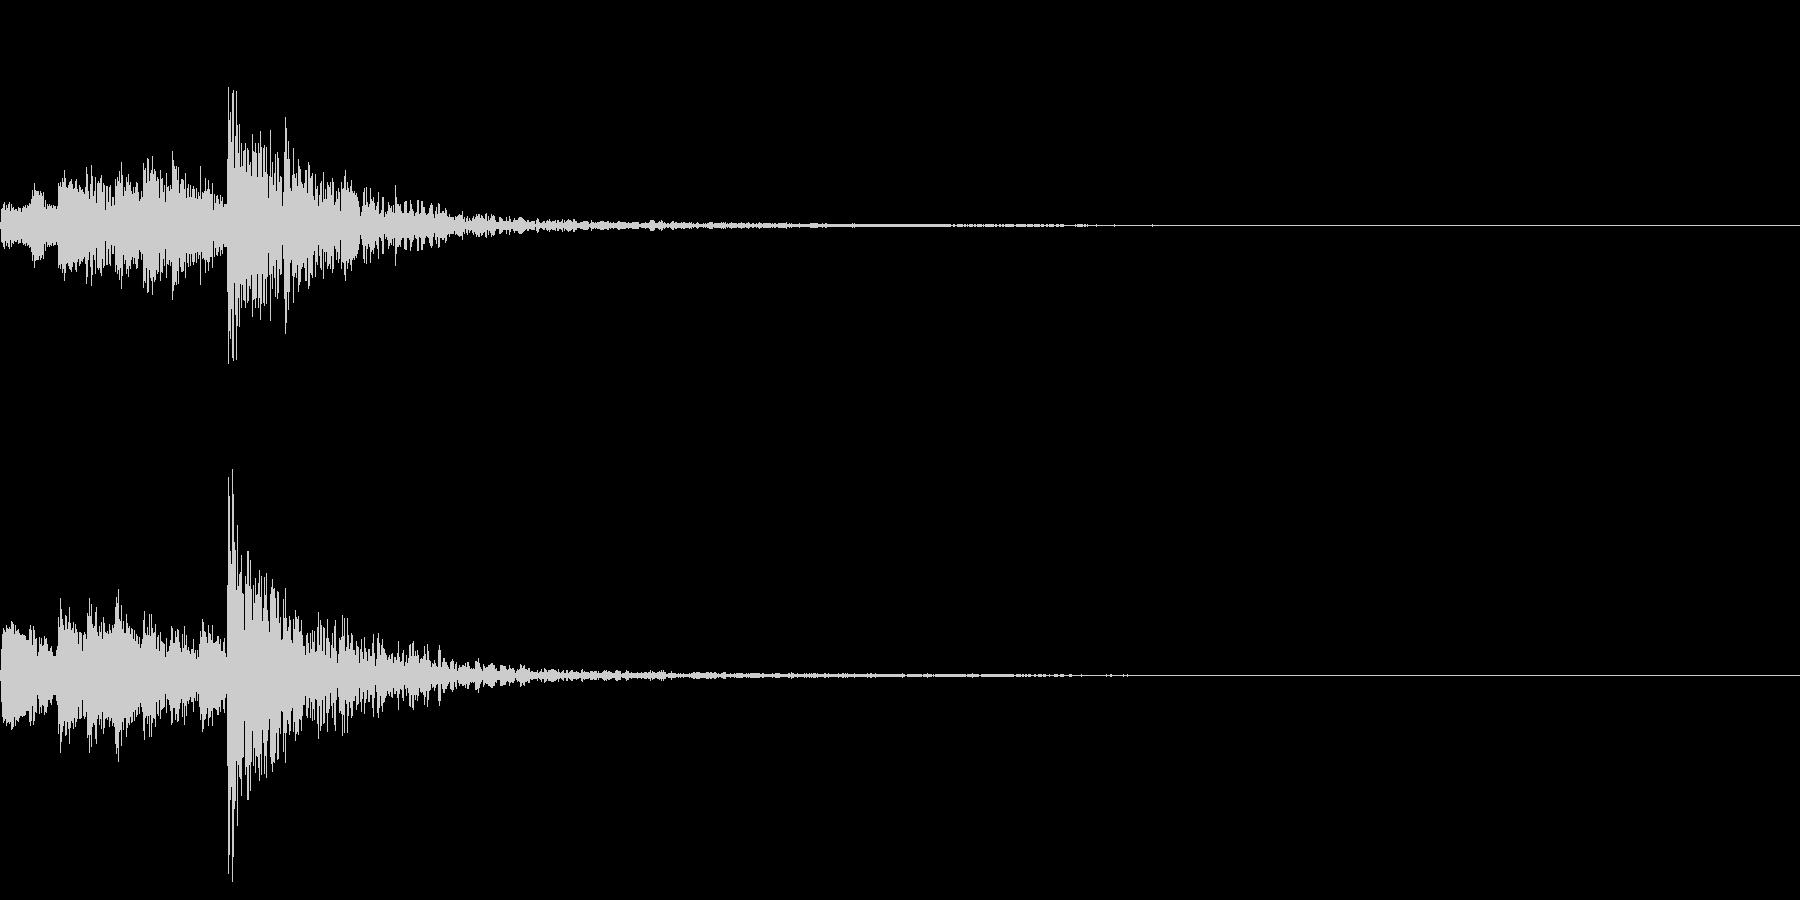 和風のピアノと太鼓 タイトル用 スタートの未再生の波形